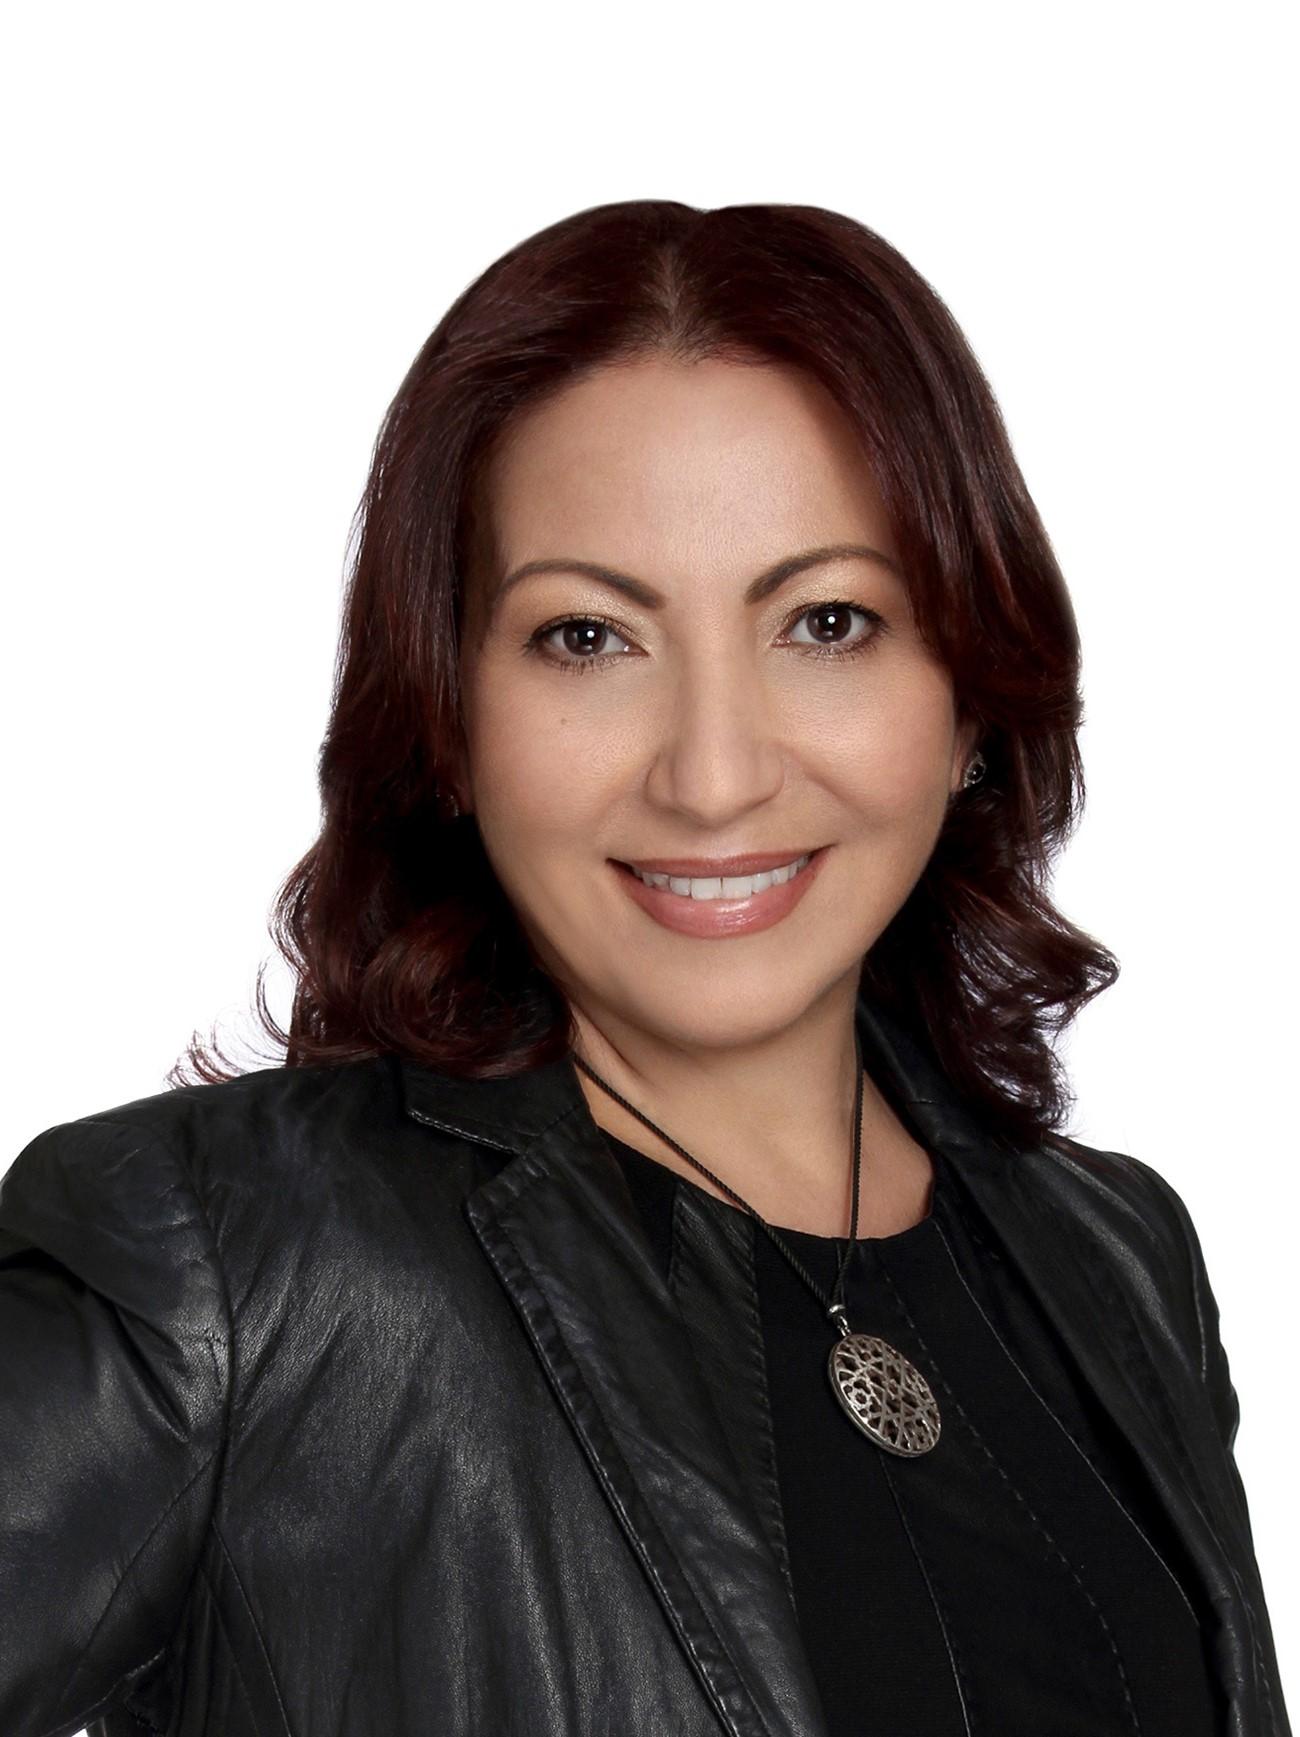 Zulma Lyman